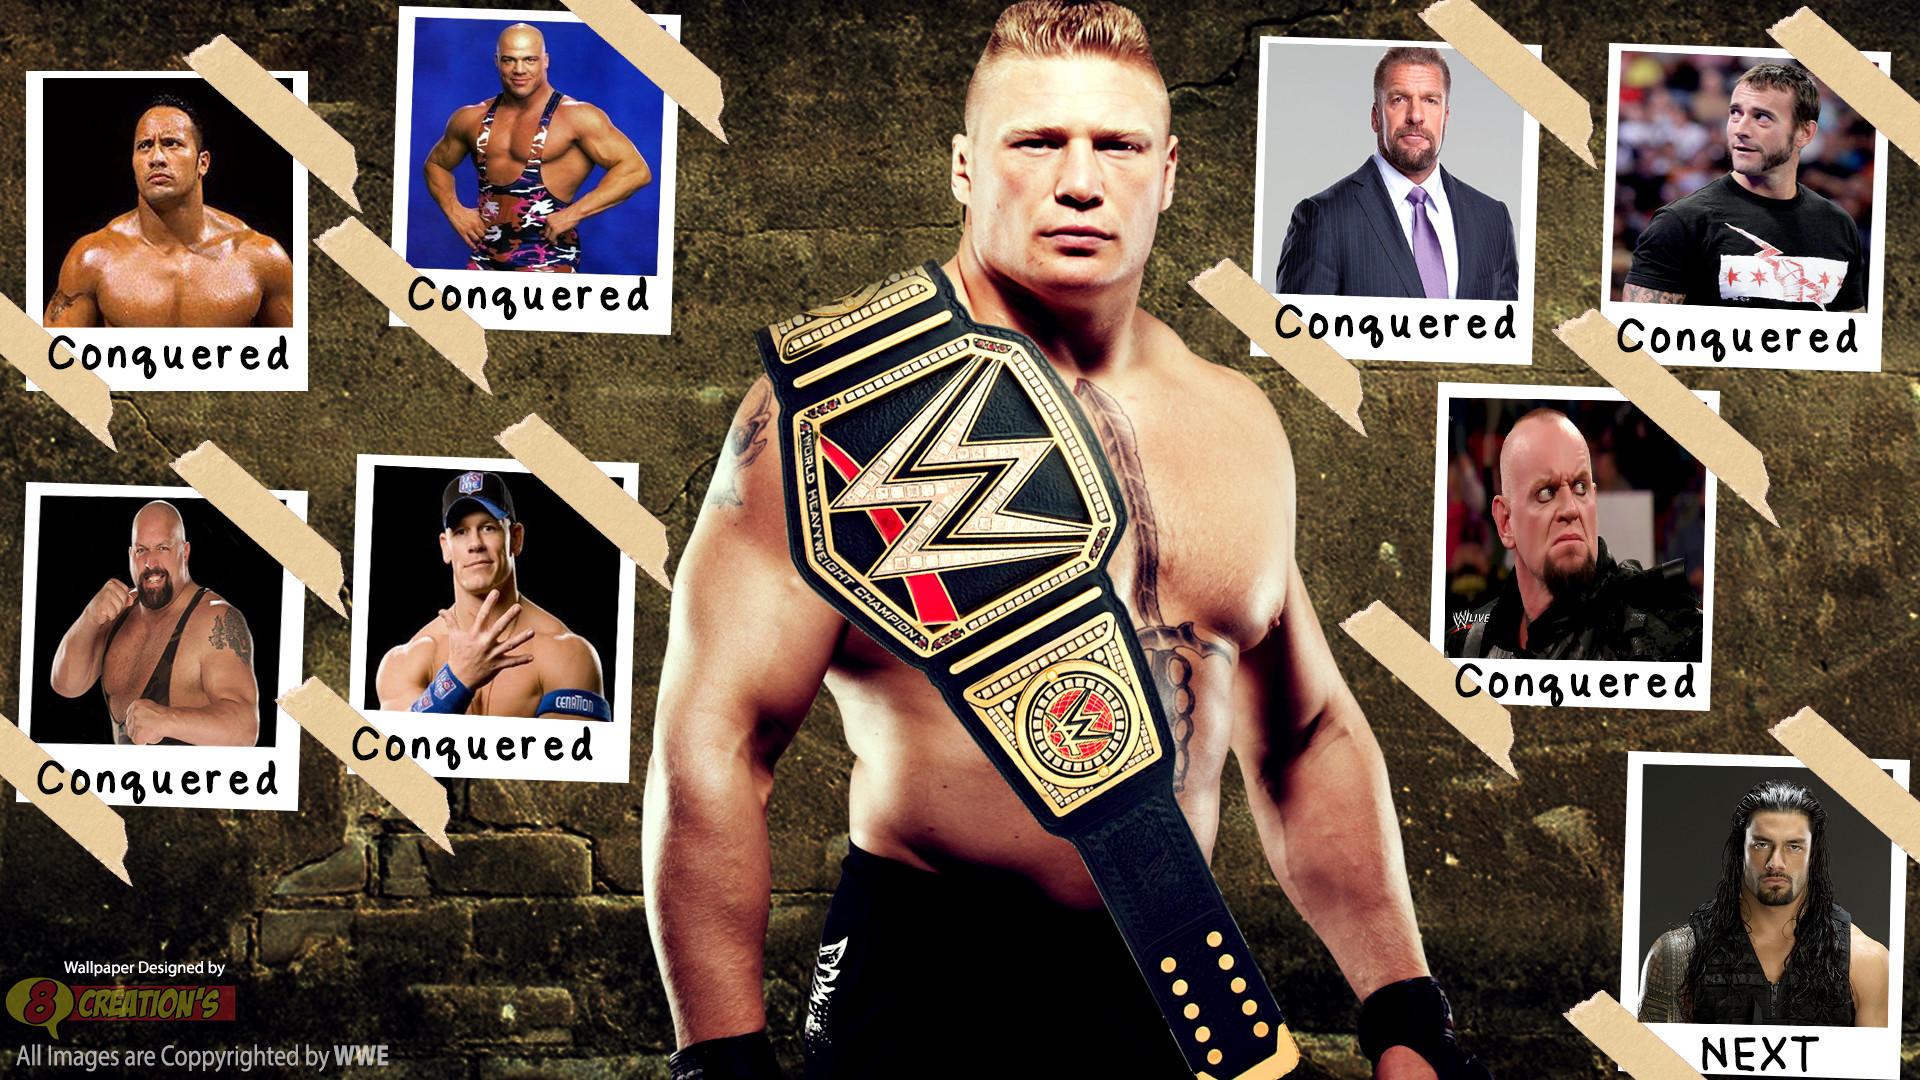 Brock Lesnar 2015 Wallpaper for Ipad